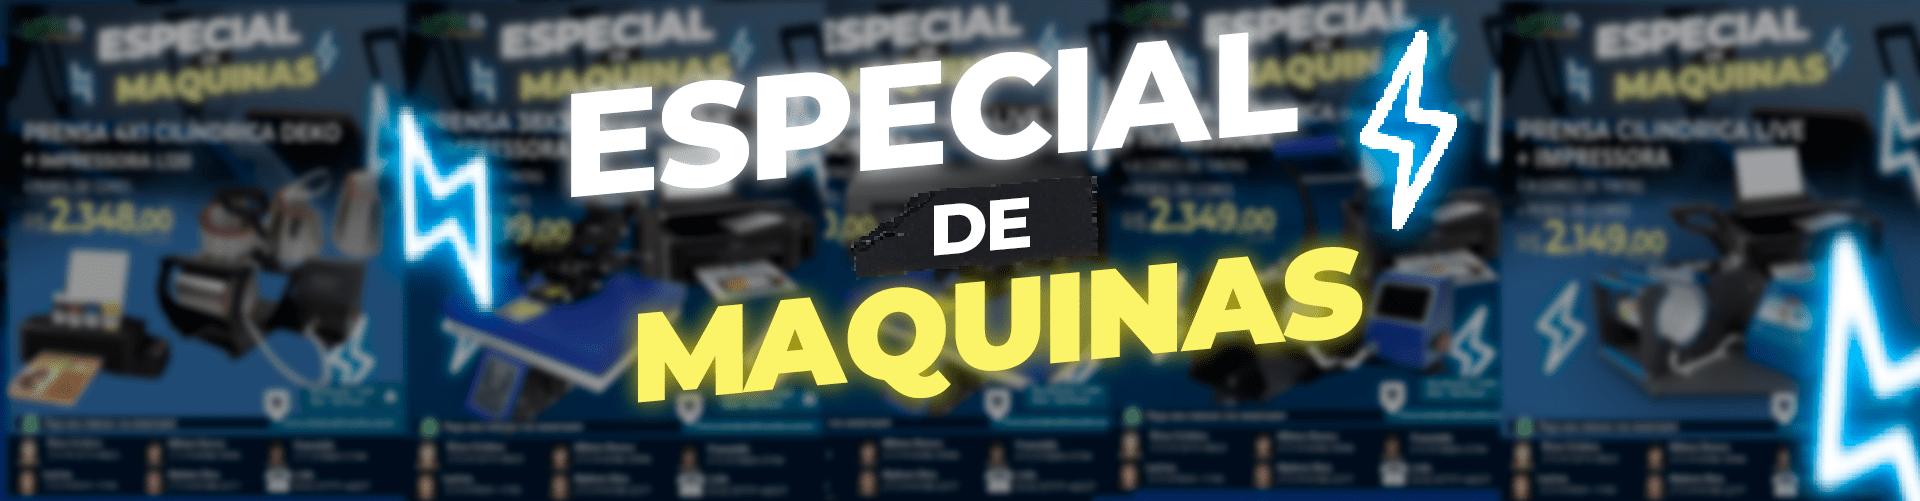 ESPECIAL DE MAQUINAS